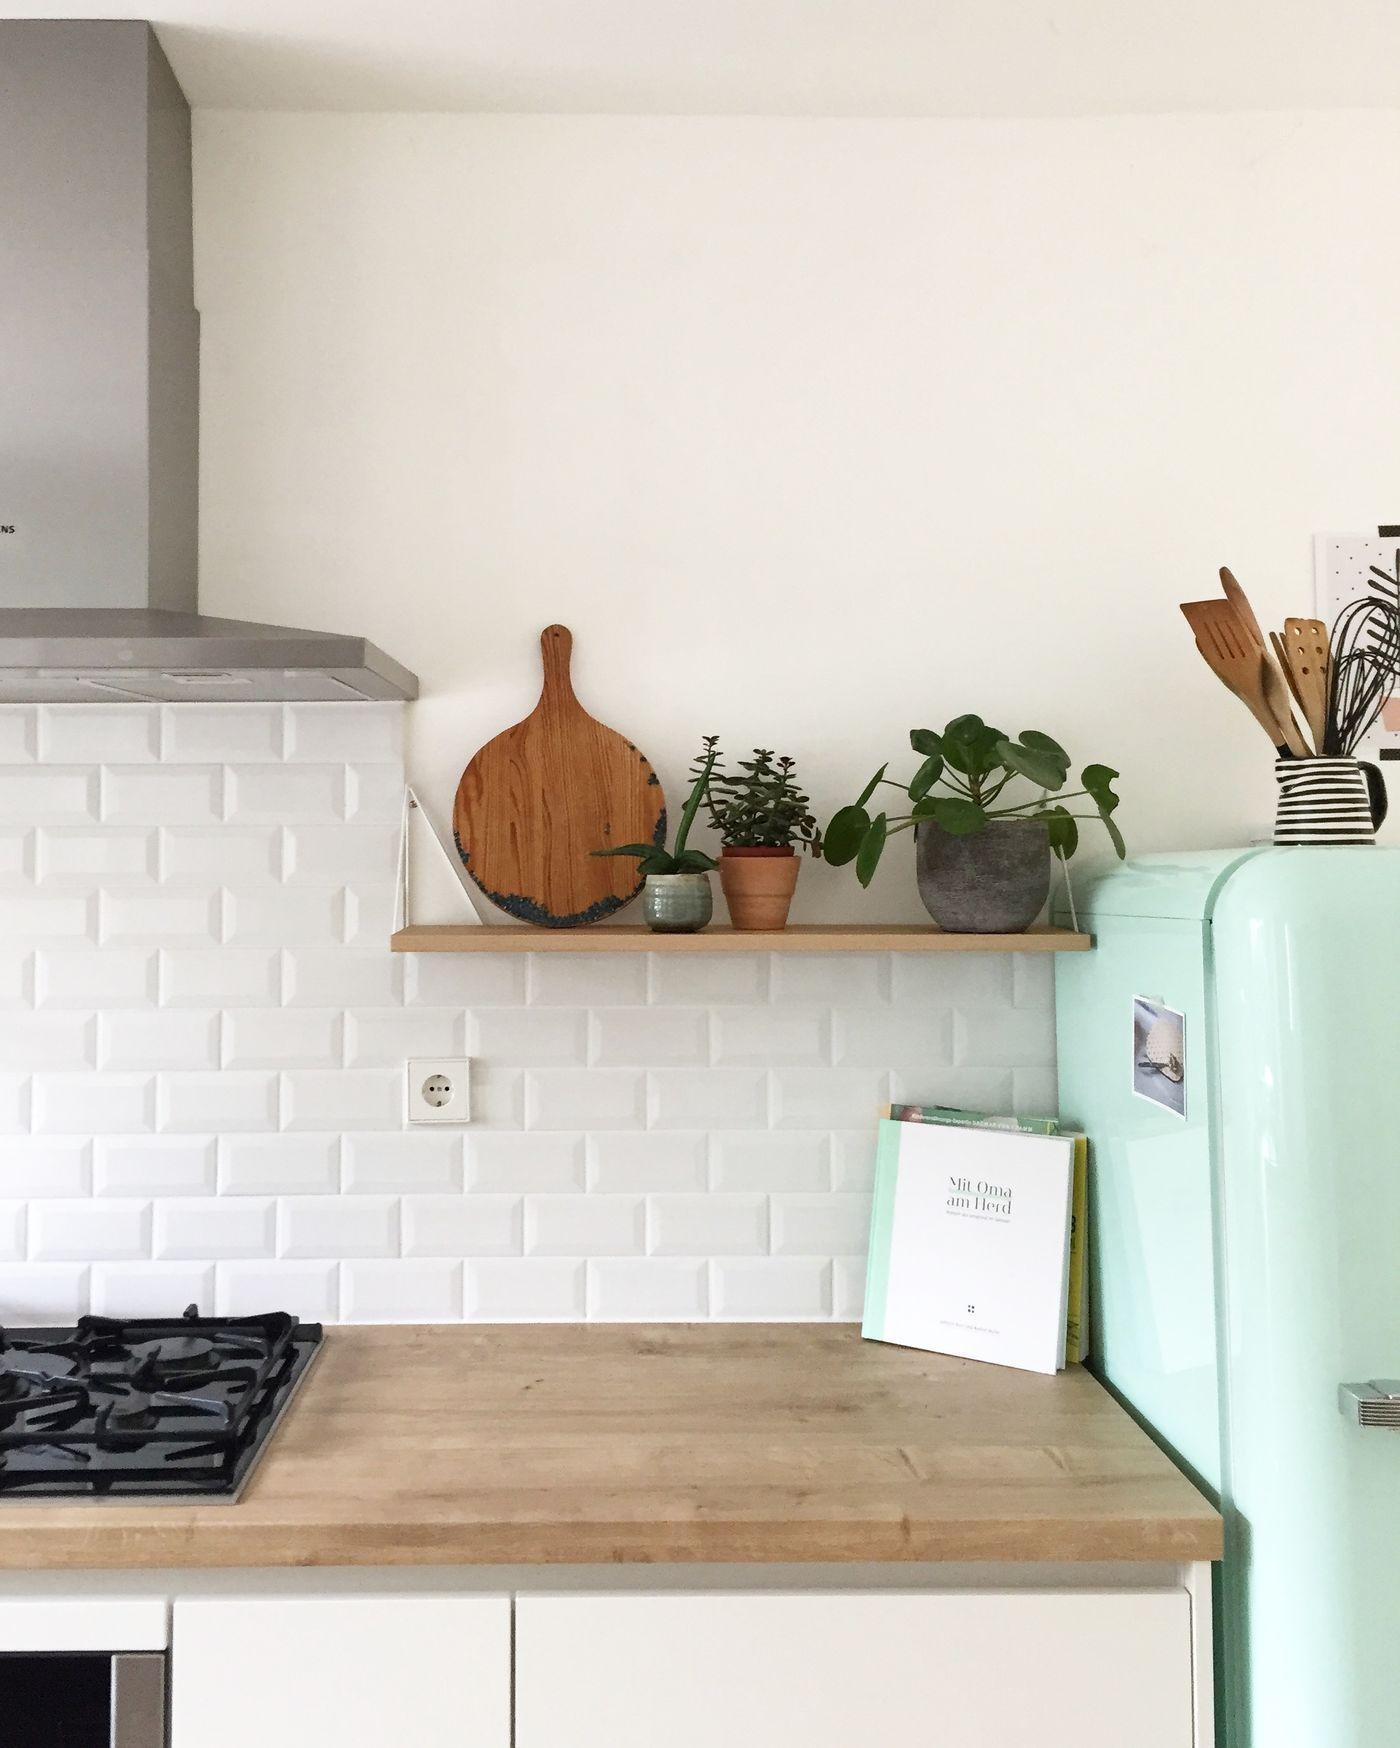 Smeg Küchengeräte im Retro-Design: Kühlschränke und Co. | Kitchens